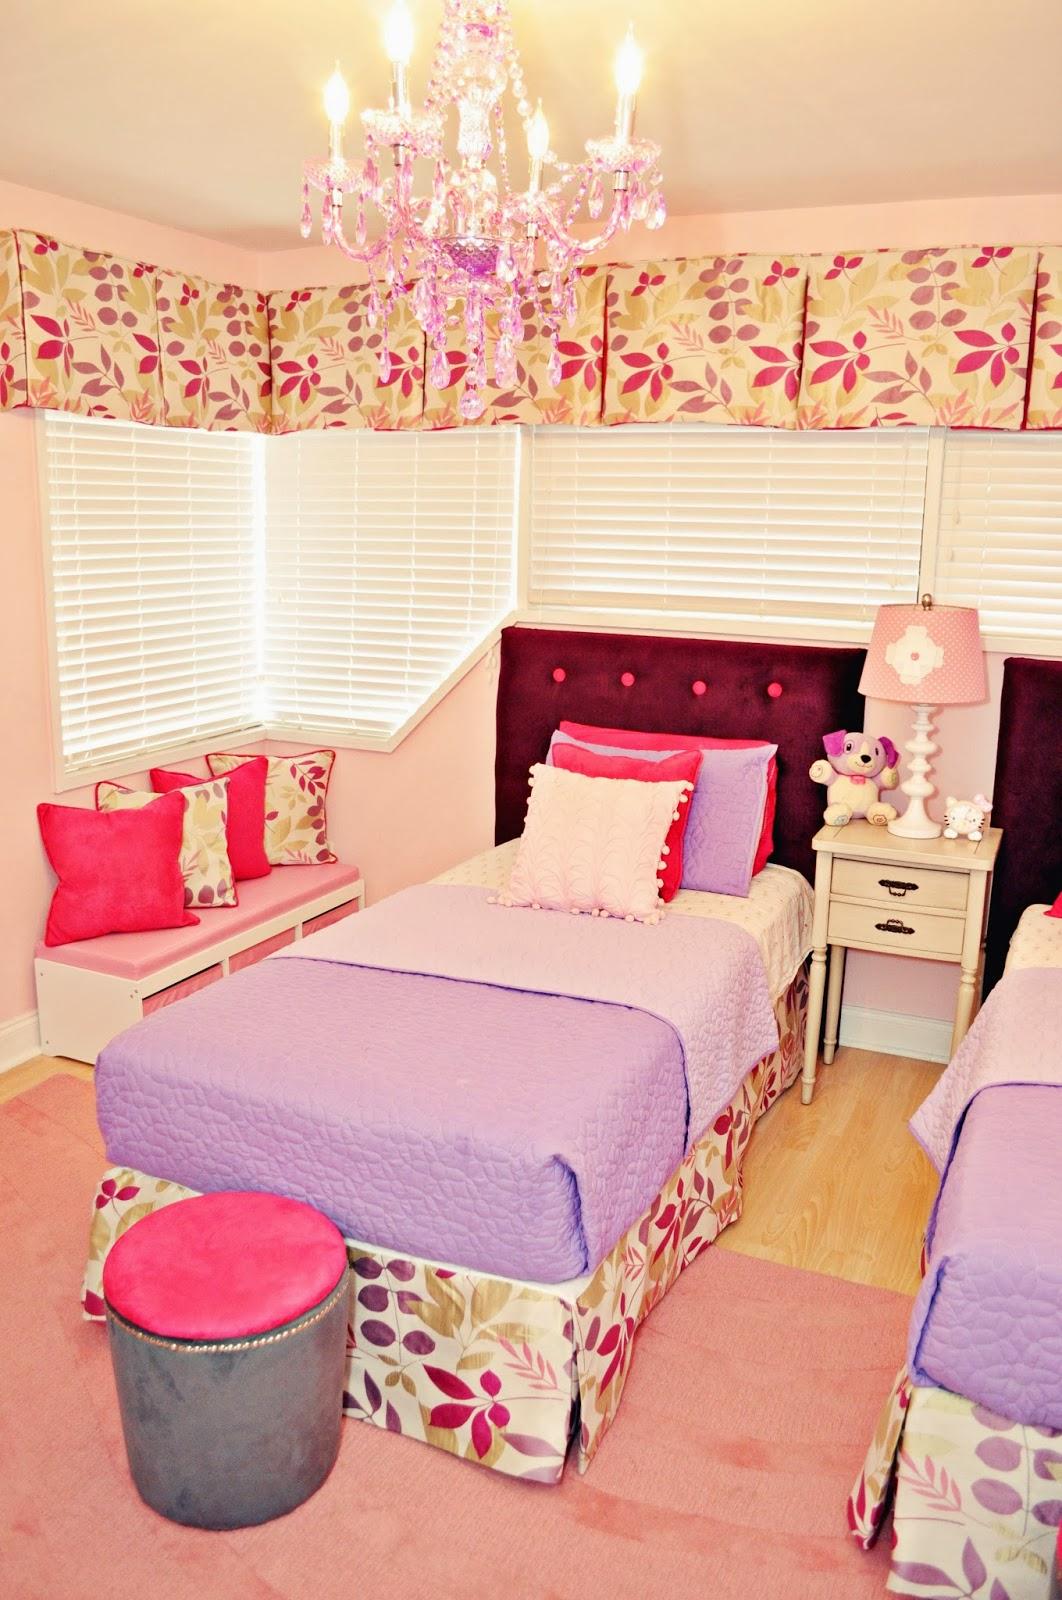 بالصور غرف بنات كبار , اجمل غرف تناسب البنات 4972 2